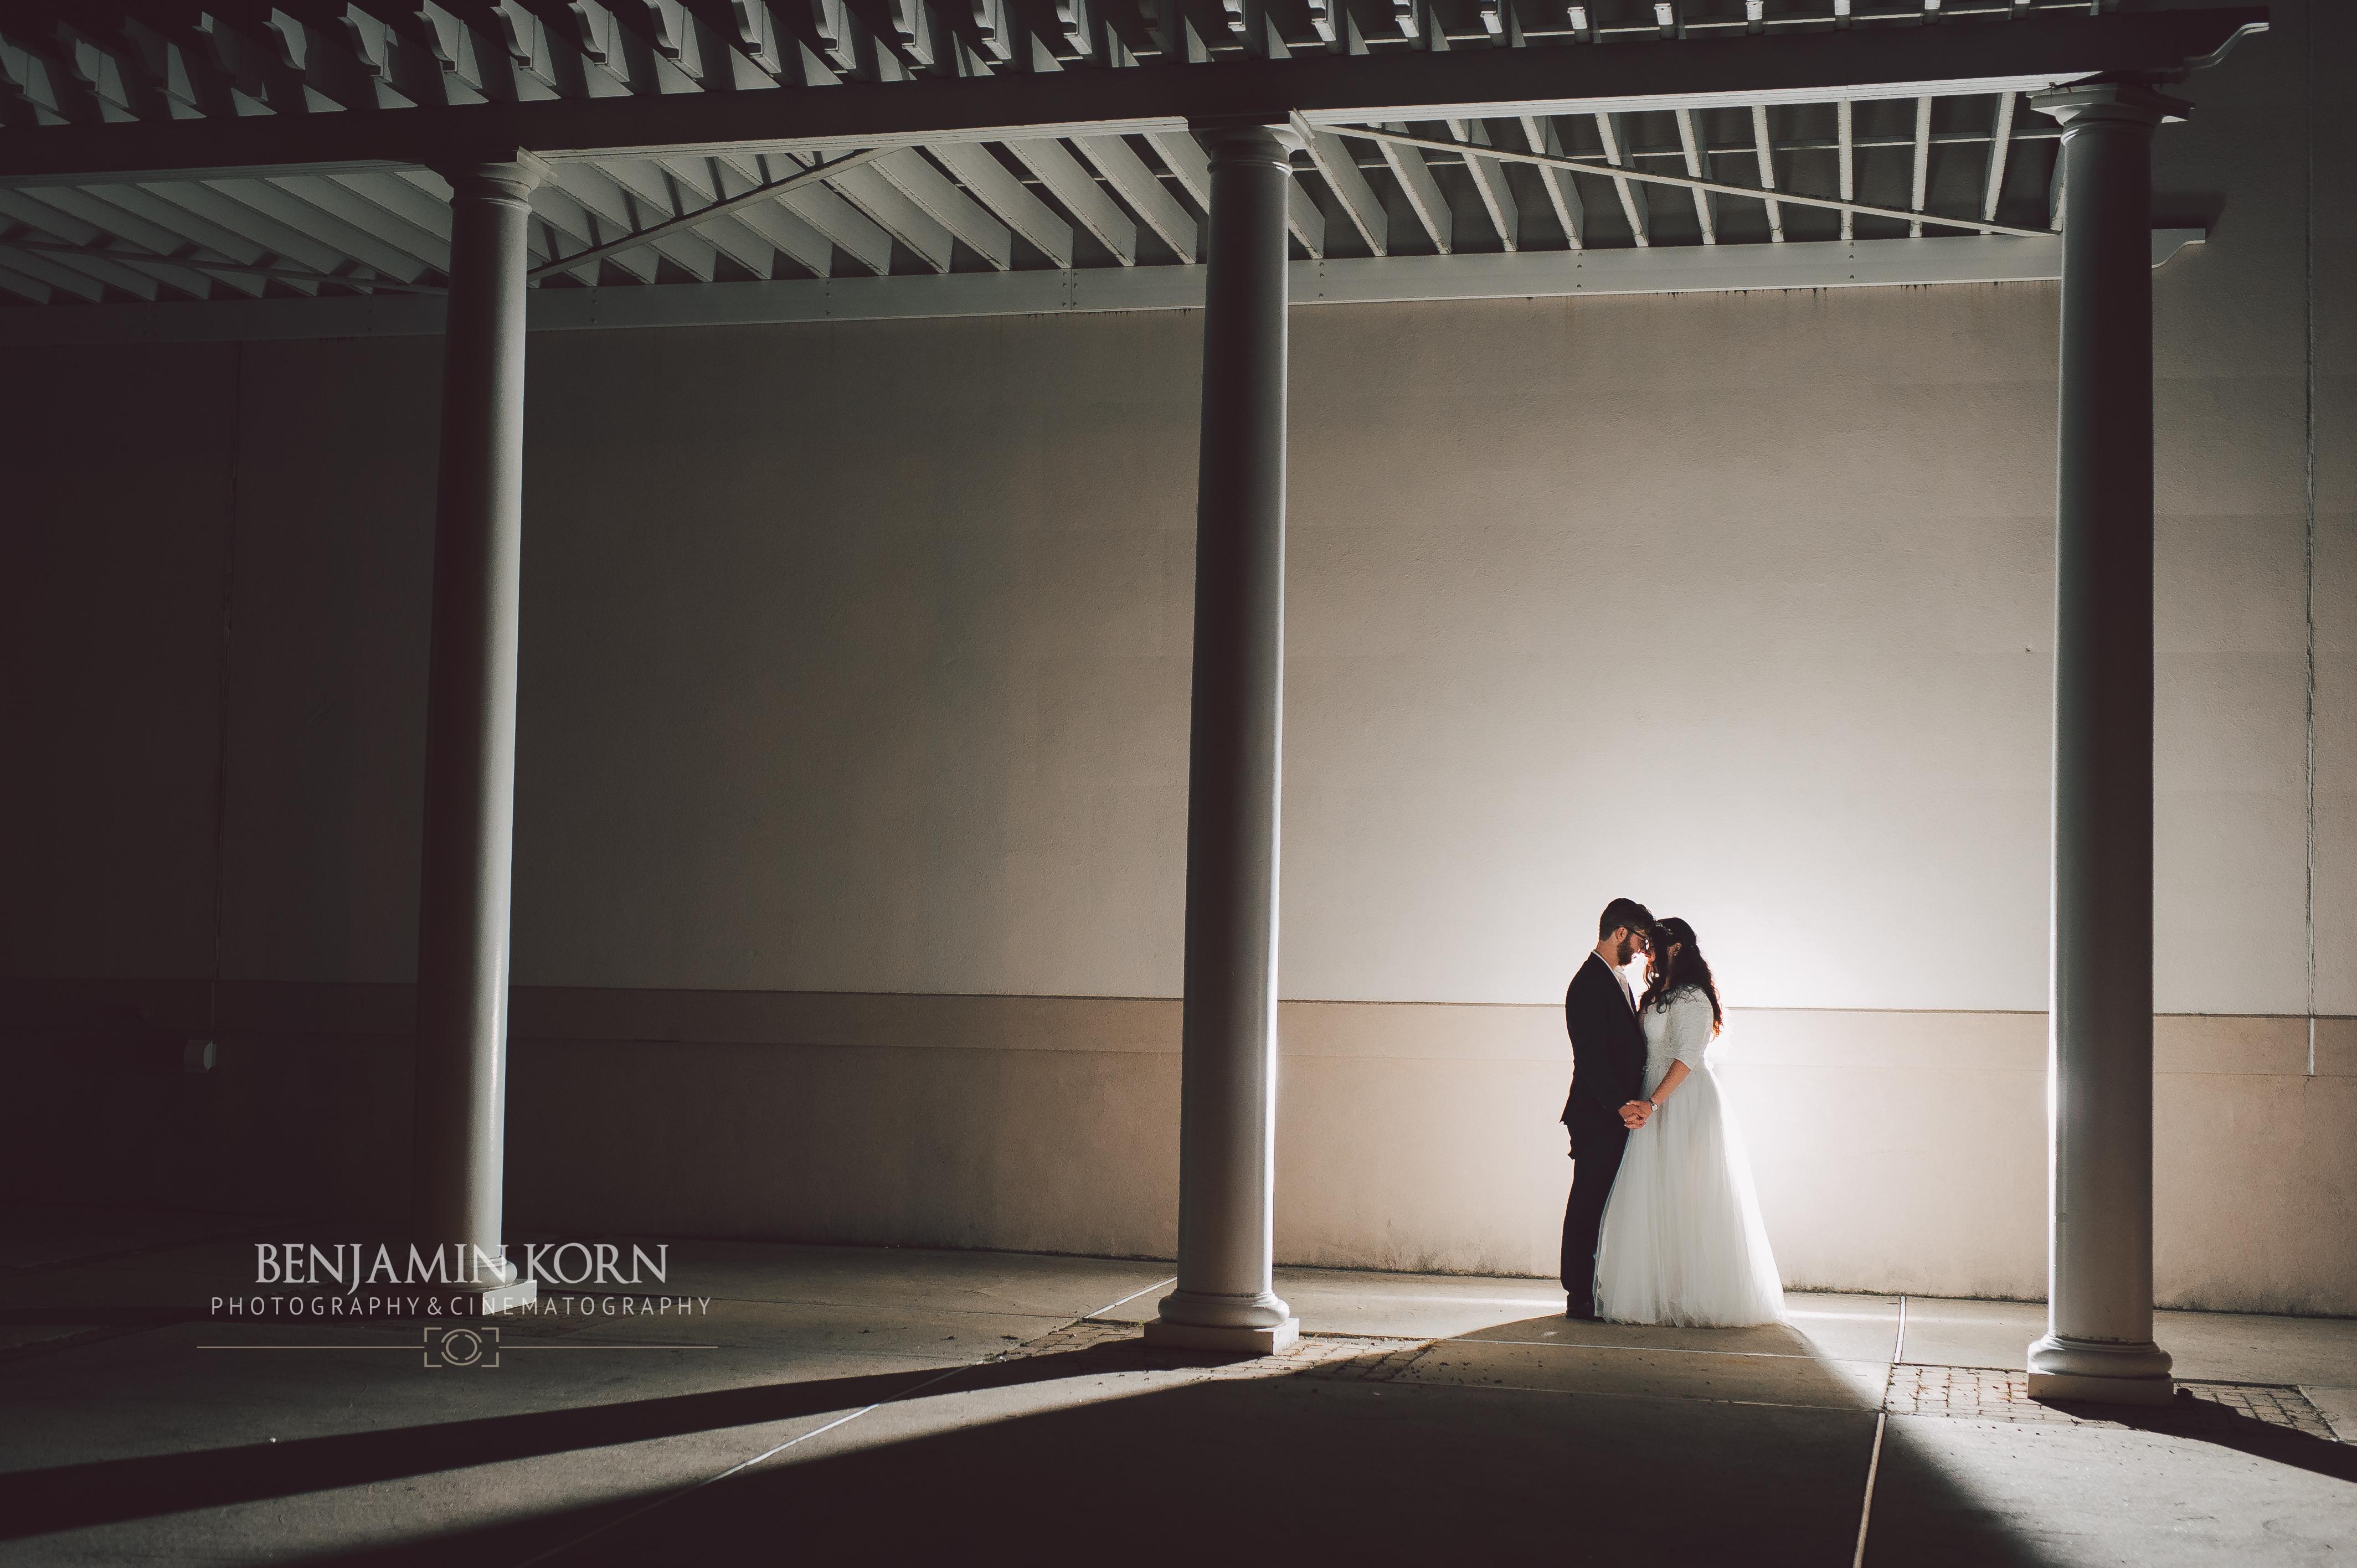 Benjamin Korn Photography-9202-2